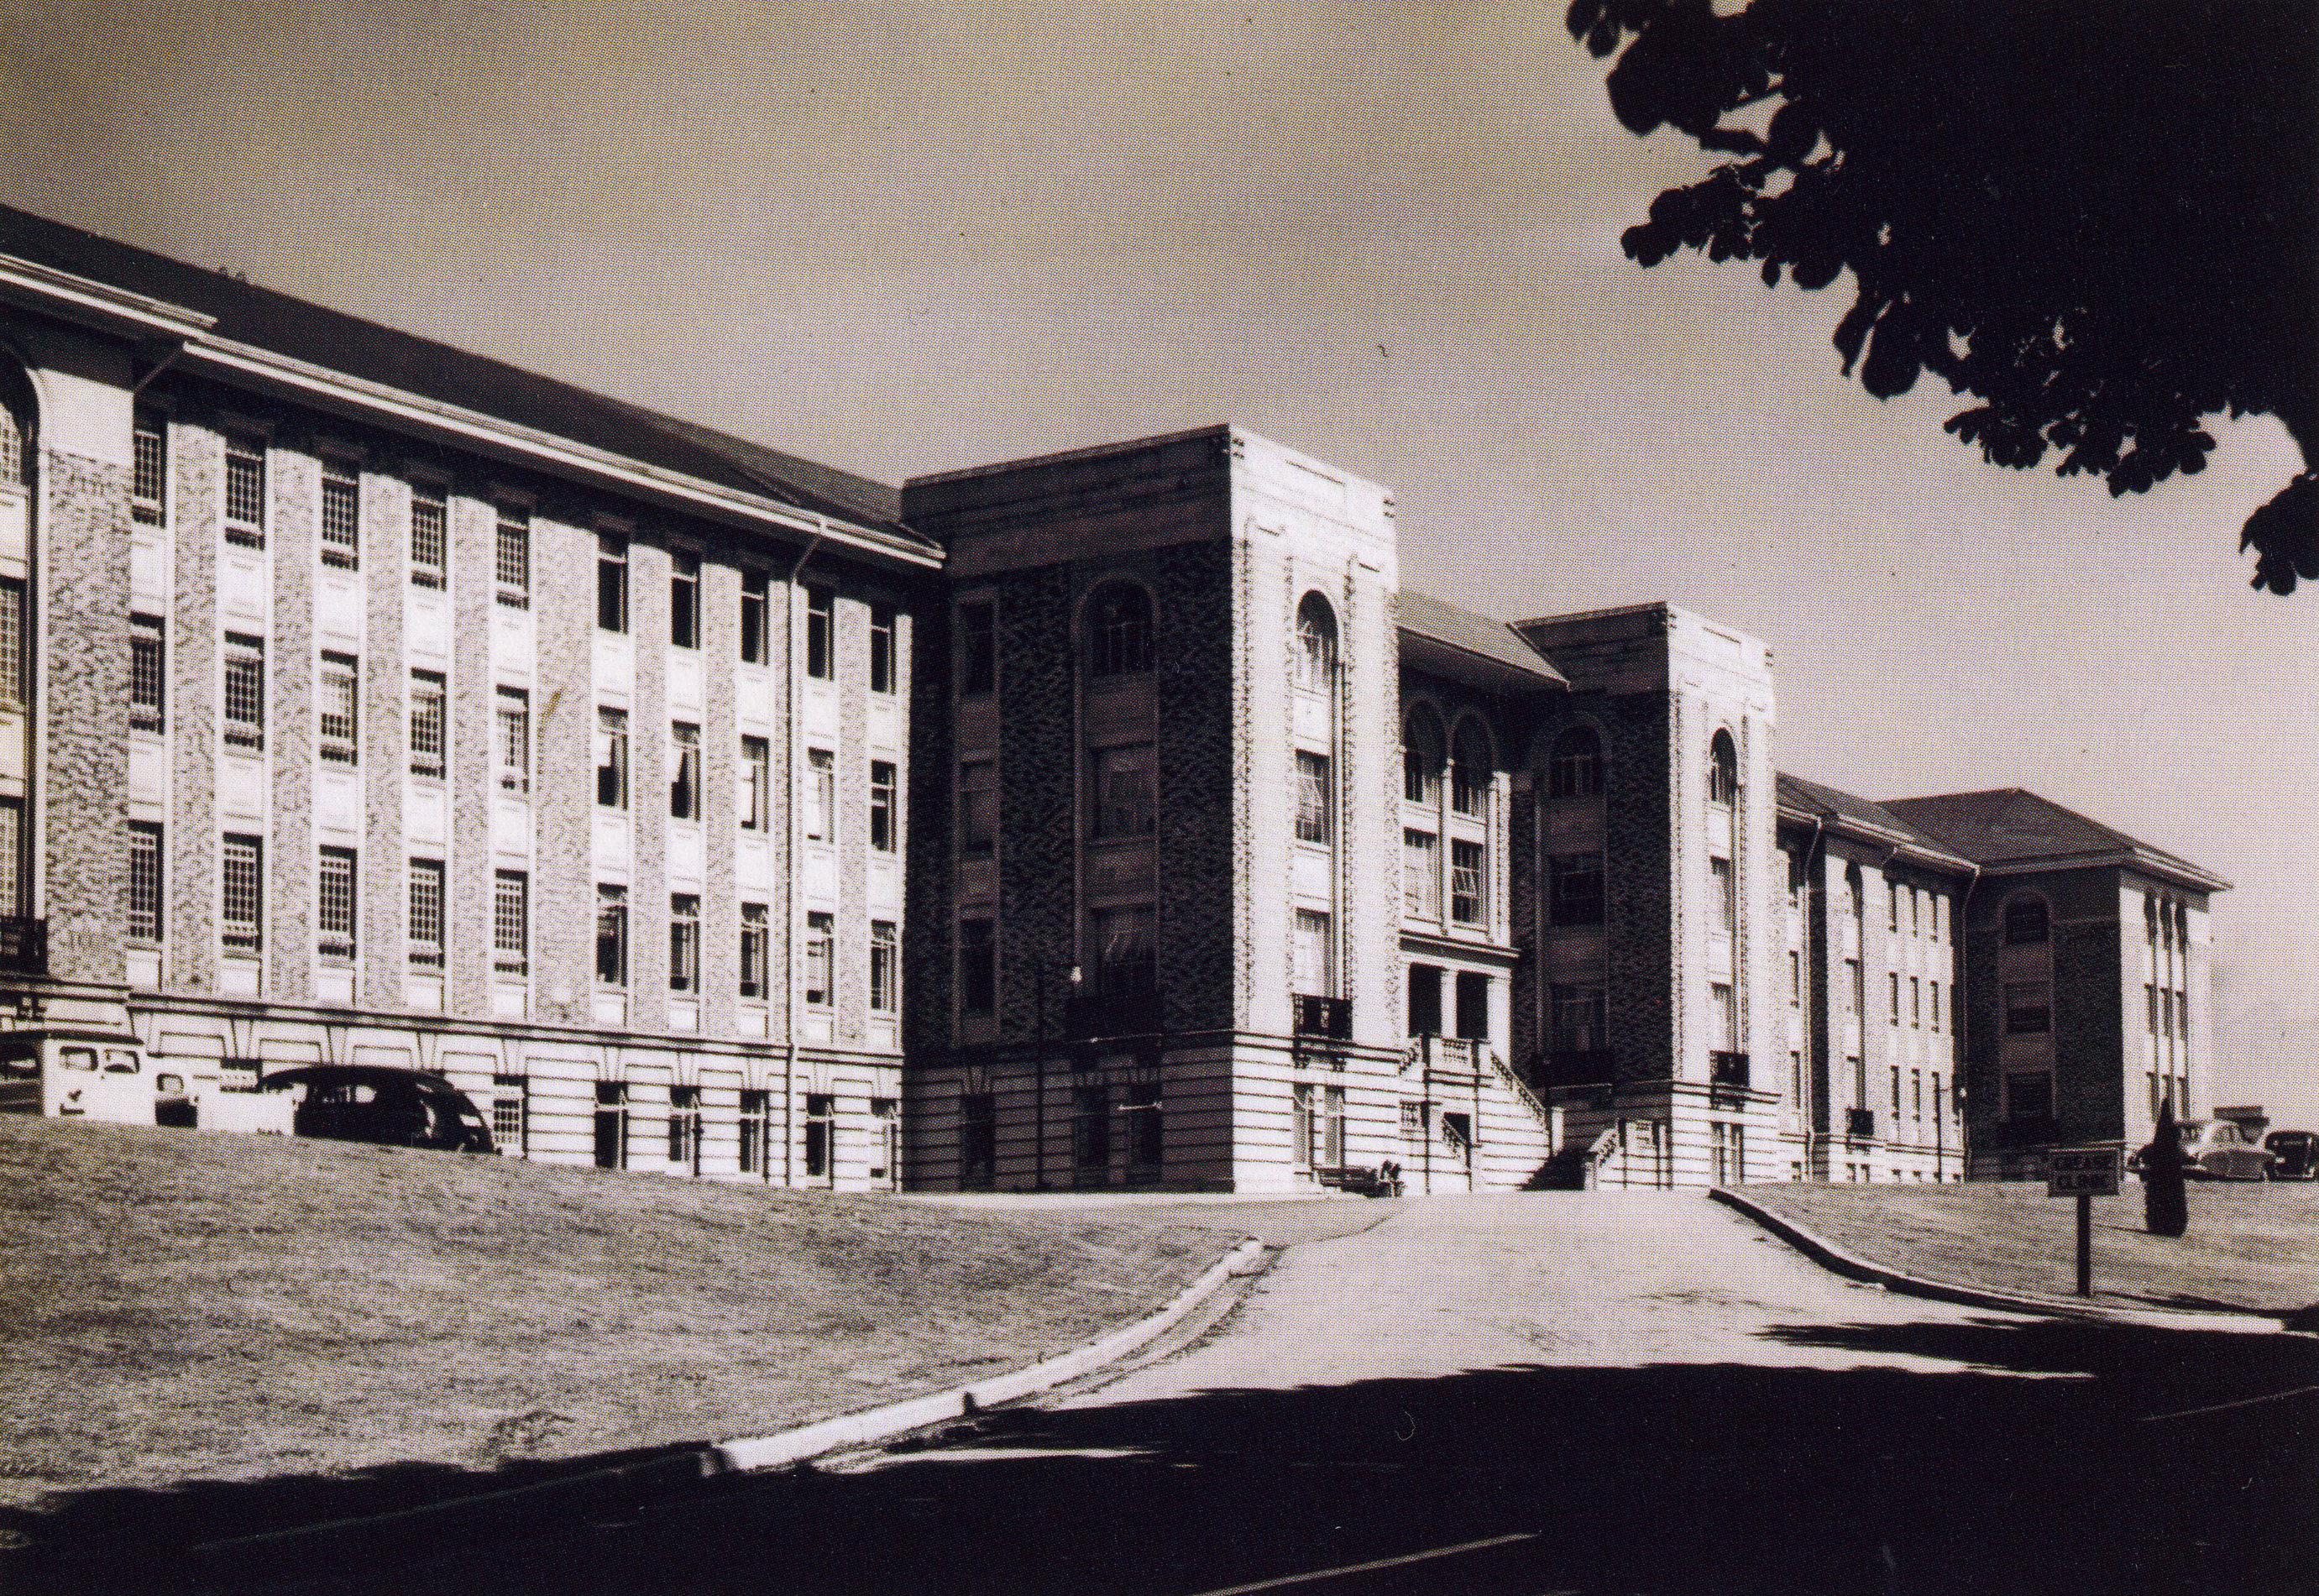 Façade avant d'un imposant bâtiment institutionnel